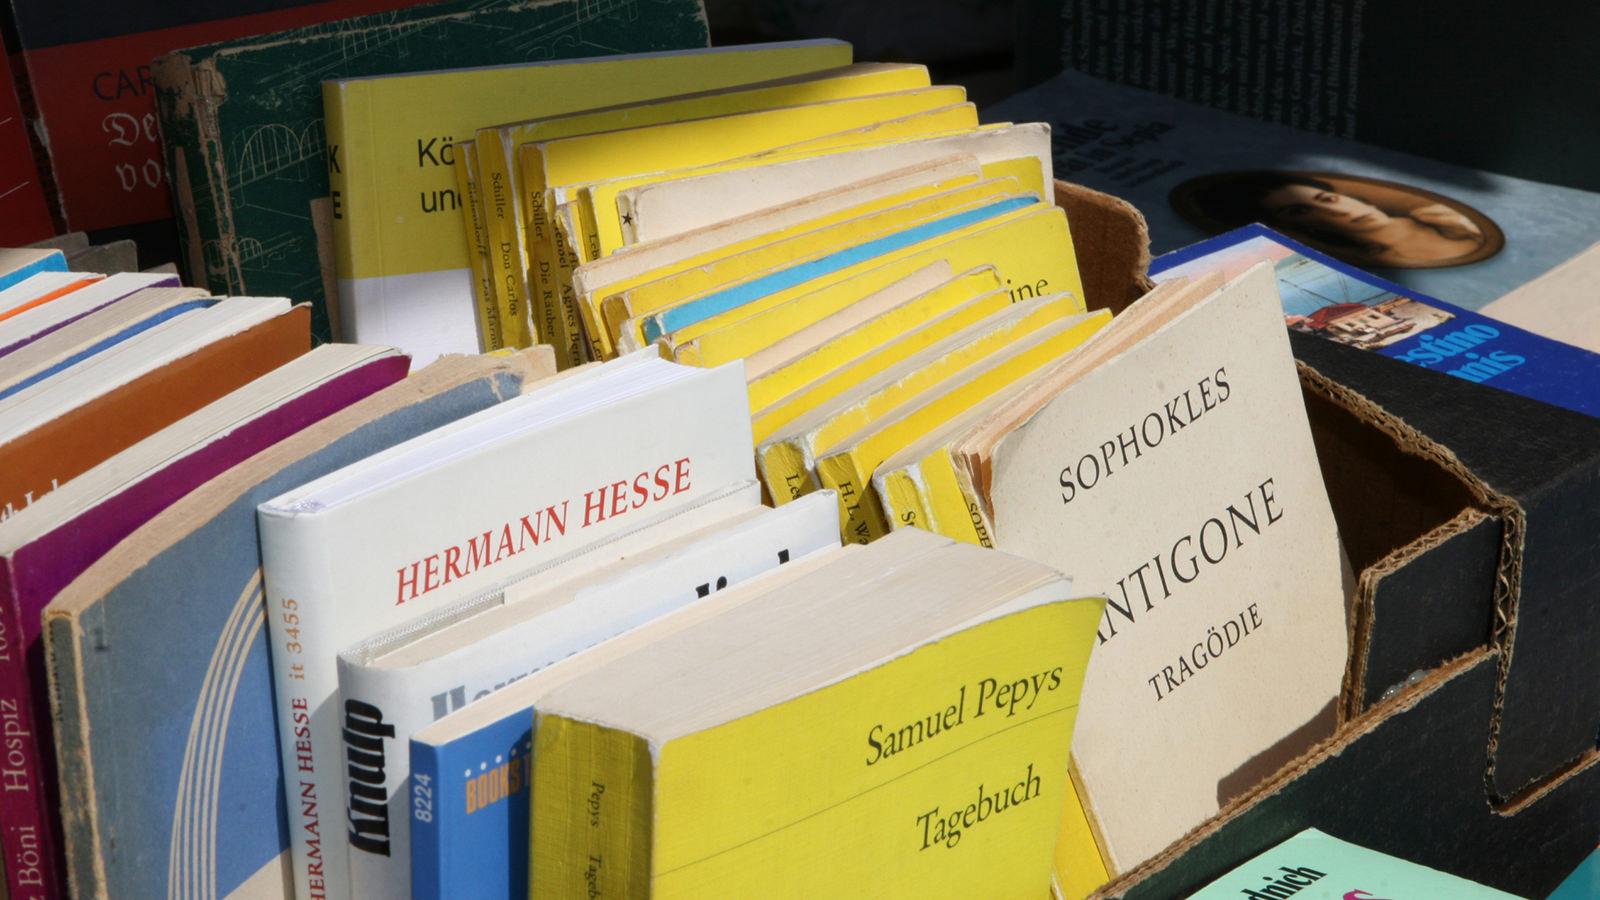 Bücher spenden für einen guten Zweck - gebrauchte Bücher spenden